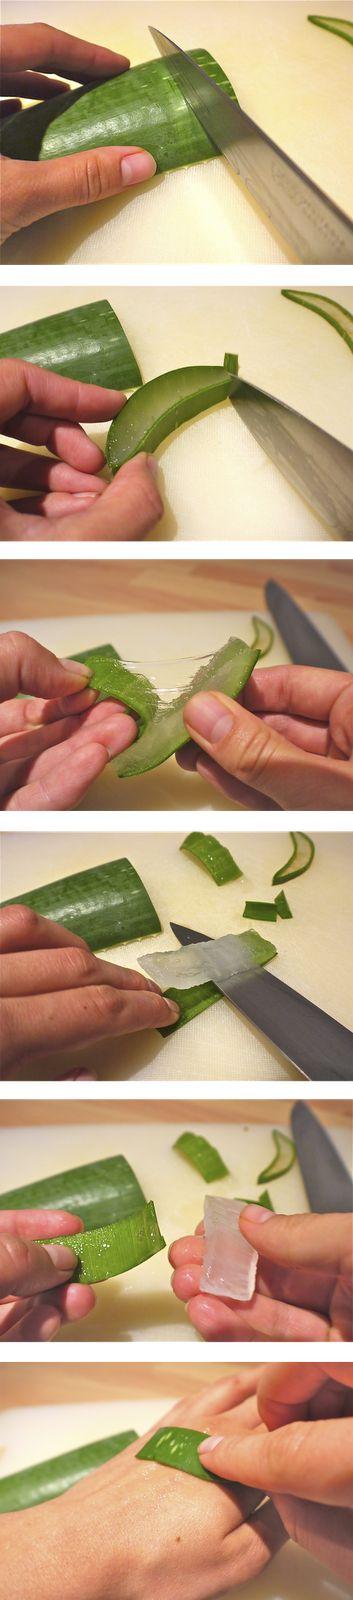 Seven ways to use Aloe Vera